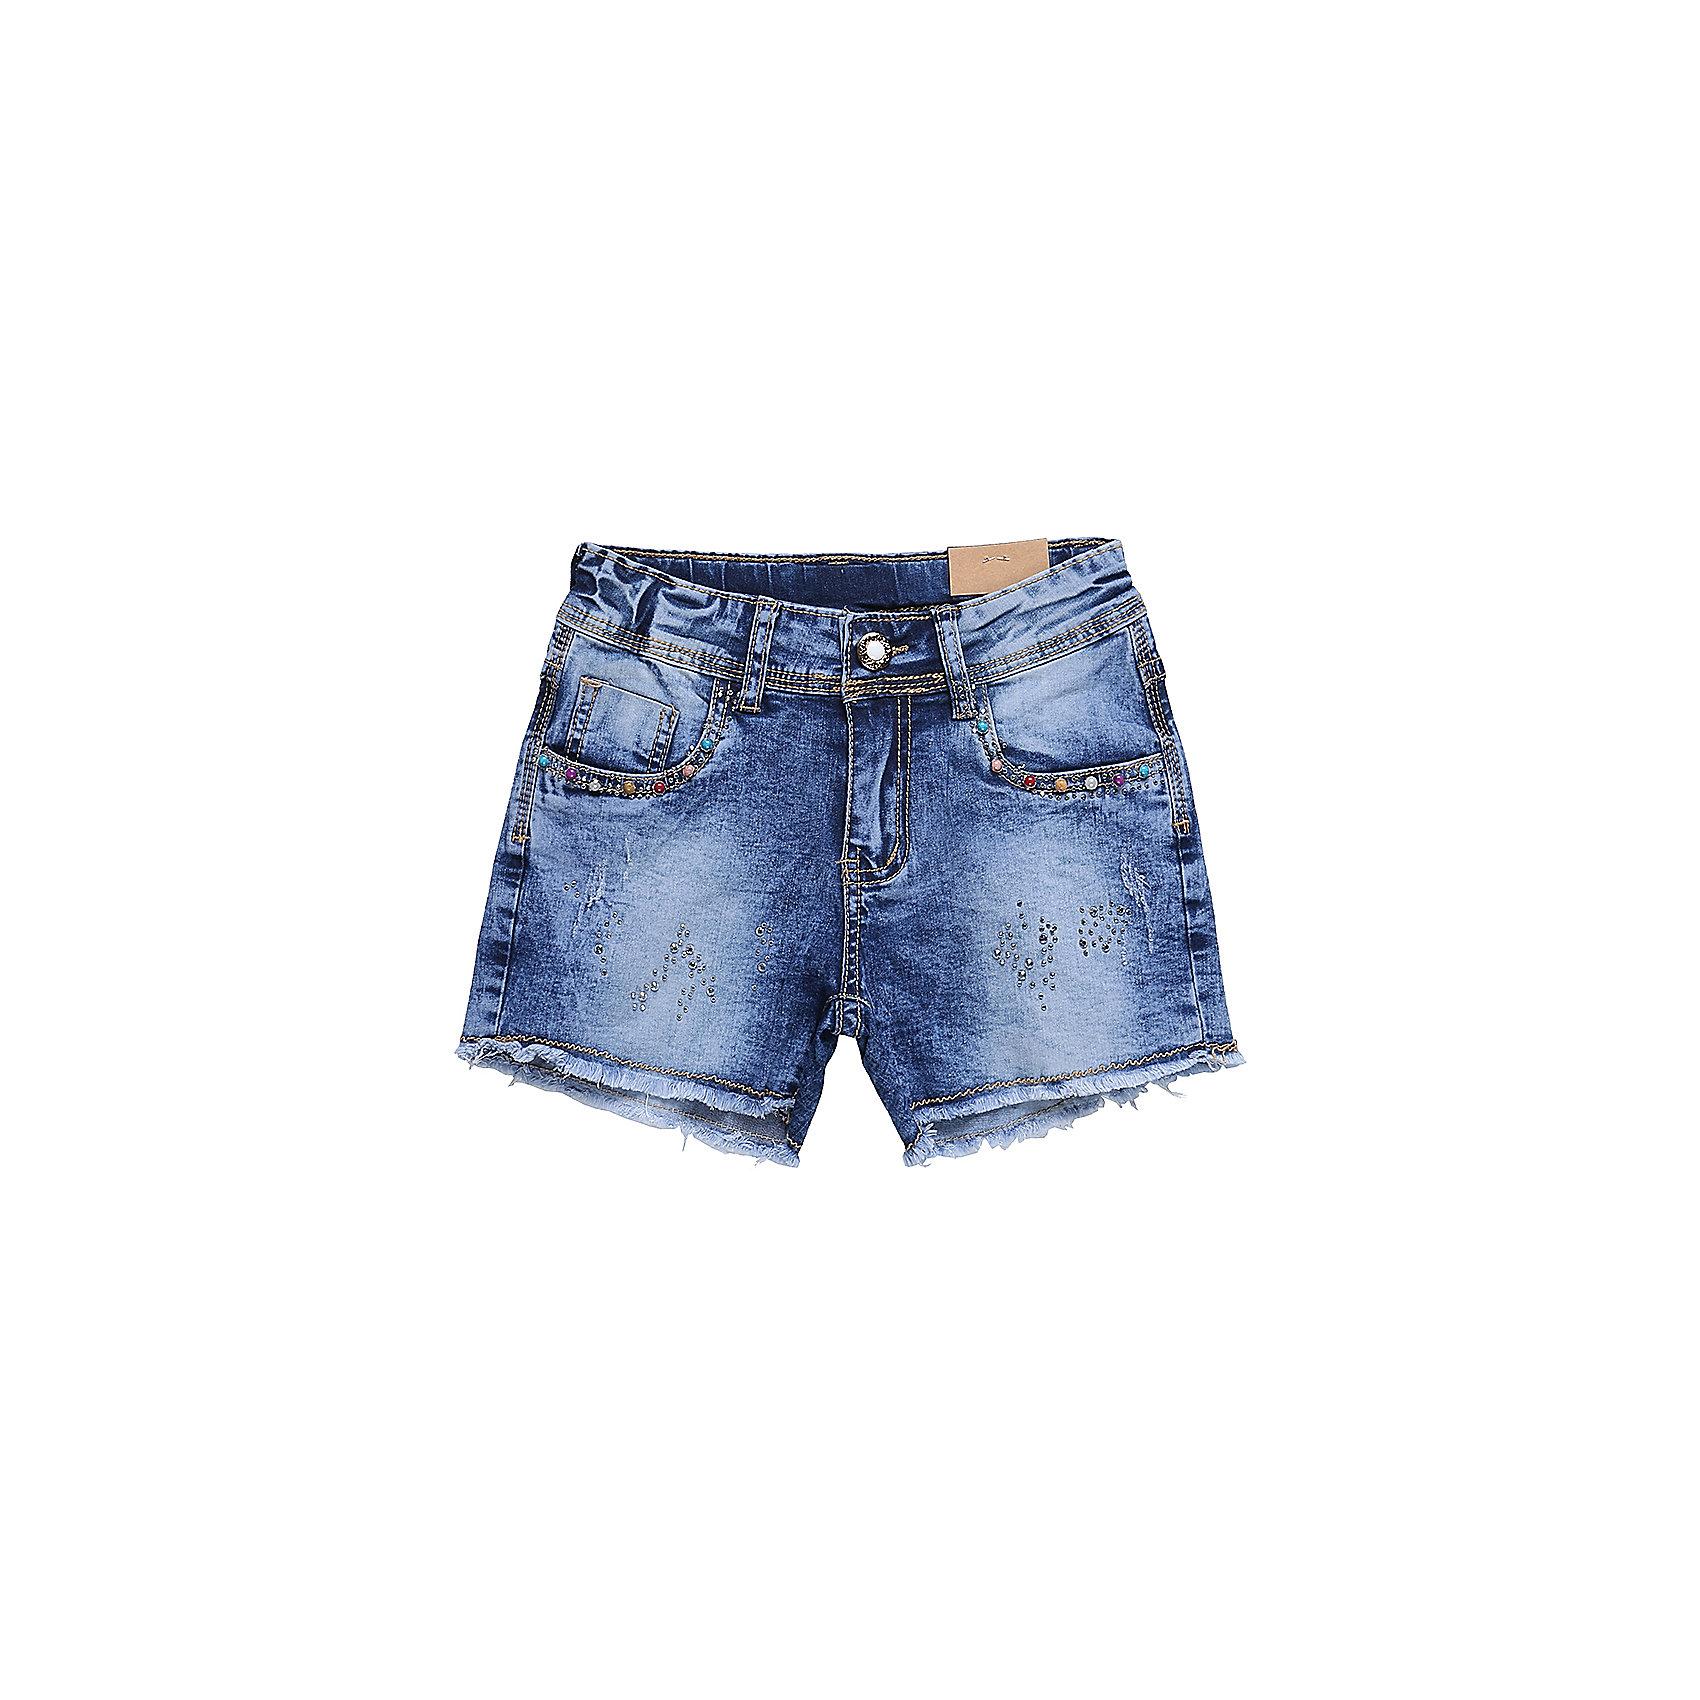 Шорты джинсовые для девочки LuminosoДжинсовая одежда<br>Джинсовые шорты для девочки. Декорированы яркими стразами. Застегиваются на молнию и пуговицу.   В боковой части пояса находятся вшитые эластичные ленты, регулирующие посадку по талии.<br>Состав:<br>98%хлопок 2%эластан<br><br>Ширина мм: 191<br>Глубина мм: 10<br>Высота мм: 175<br>Вес г: 273<br>Цвет: синий<br>Возраст от месяцев: 96<br>Возраст до месяцев: 108<br>Пол: Женский<br>Возраст: Детский<br>Размер: 134,140,146,152,158,164<br>SKU: 5413591